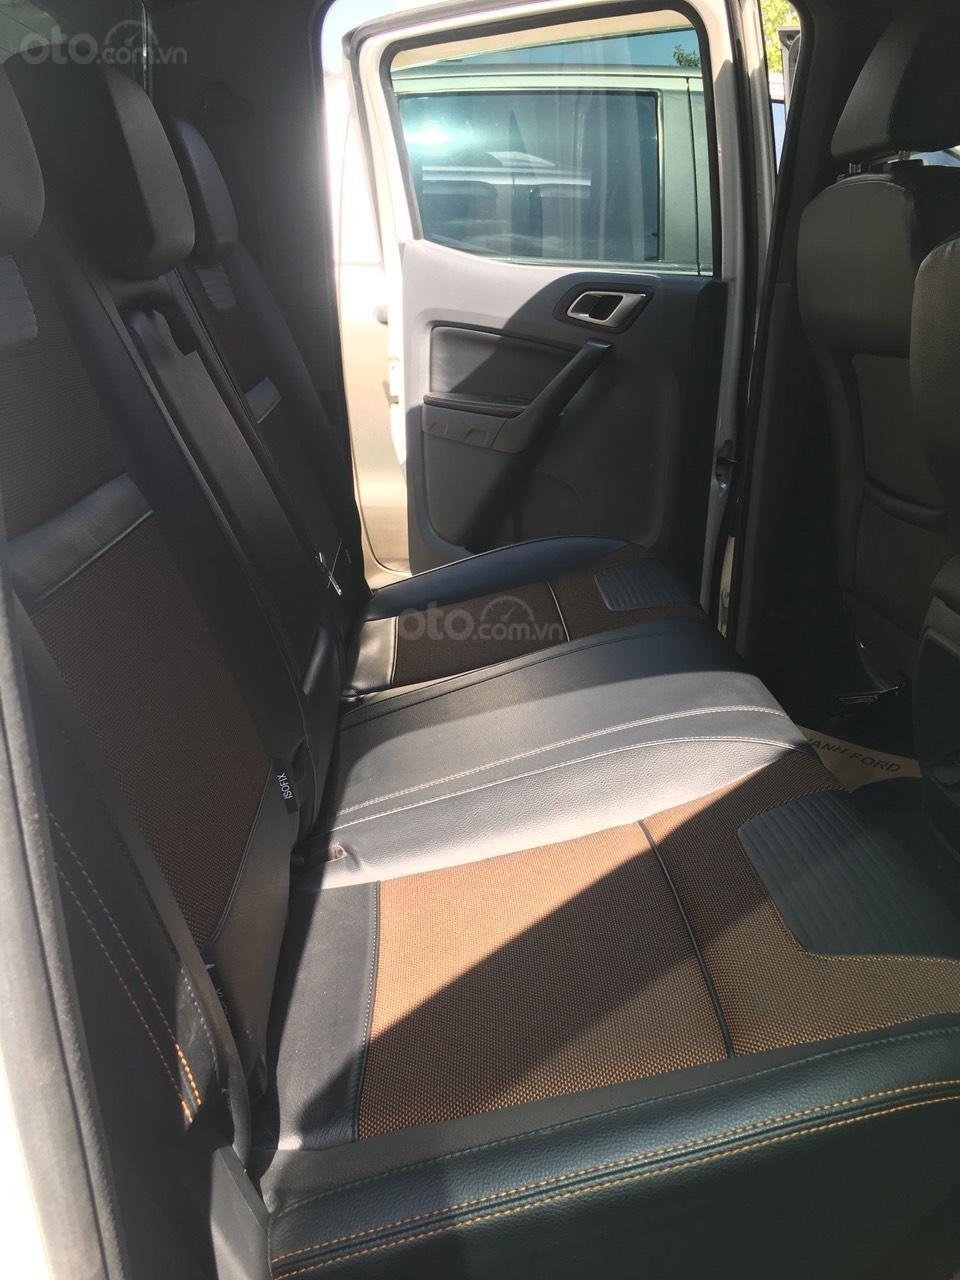 Bán xe Ford Ranger Wildtrak 3.2L đời 2015, màu trắng, xe nhập, giá chỉ 720 triệu (6)